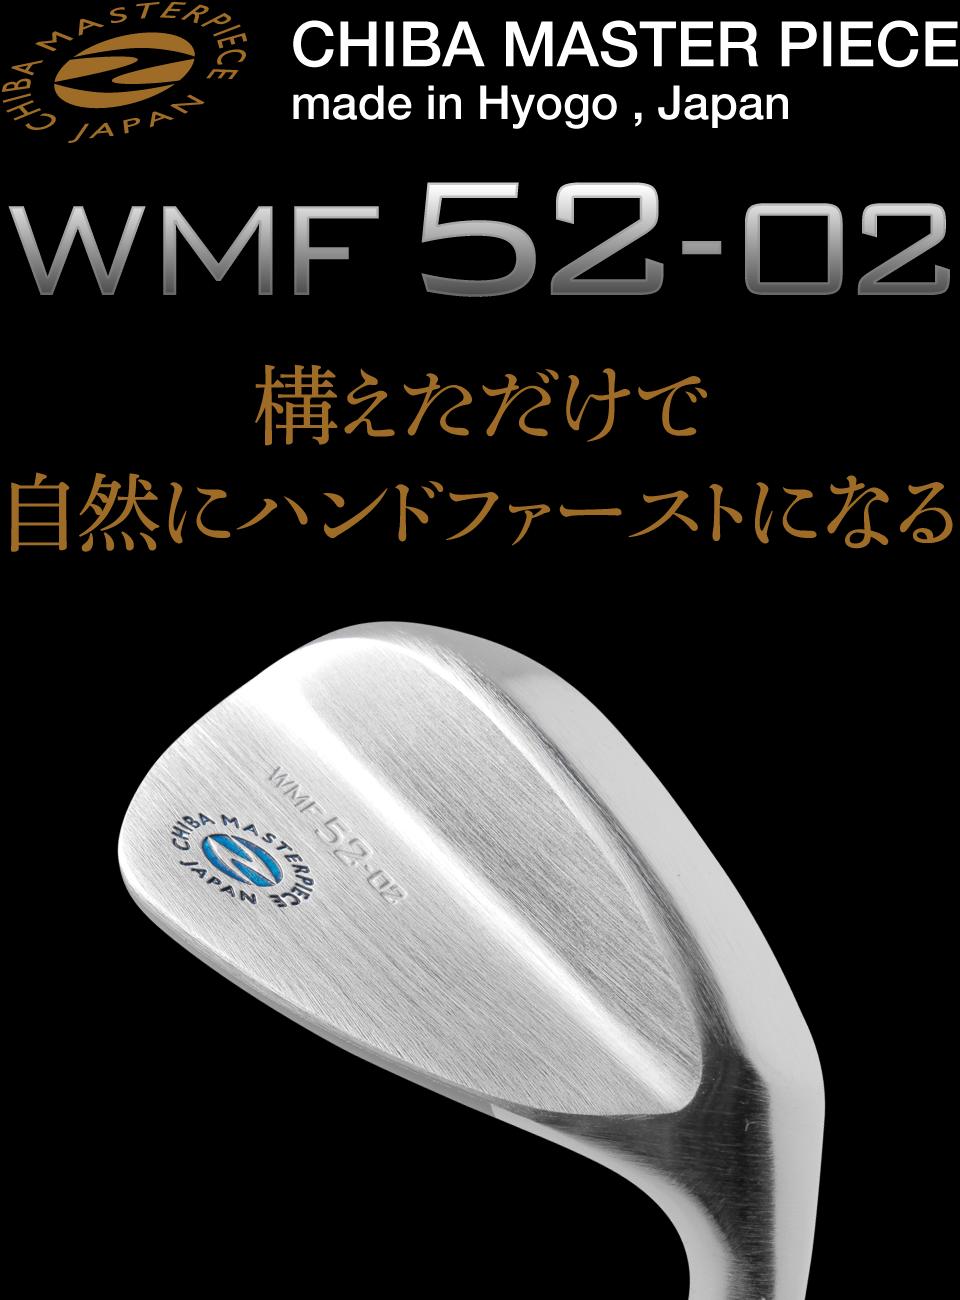 構えただけで自然にハンドファーストになる WMF52-02